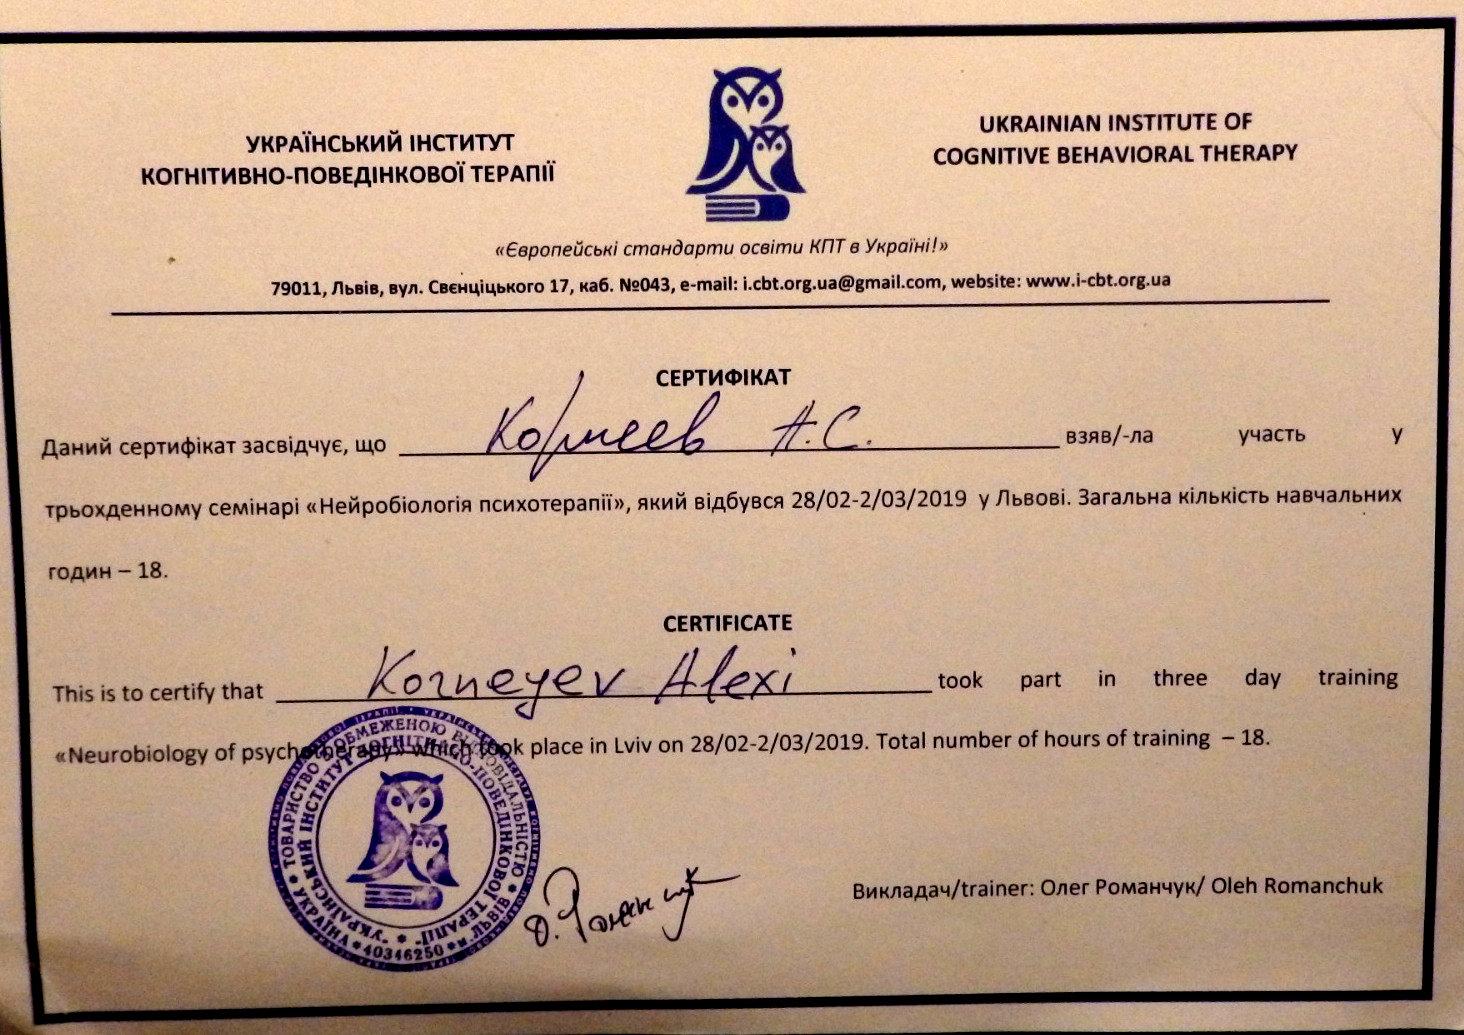 """Сертификат """"Нейропсихология психотерапии"""" Корнеева А.С."""